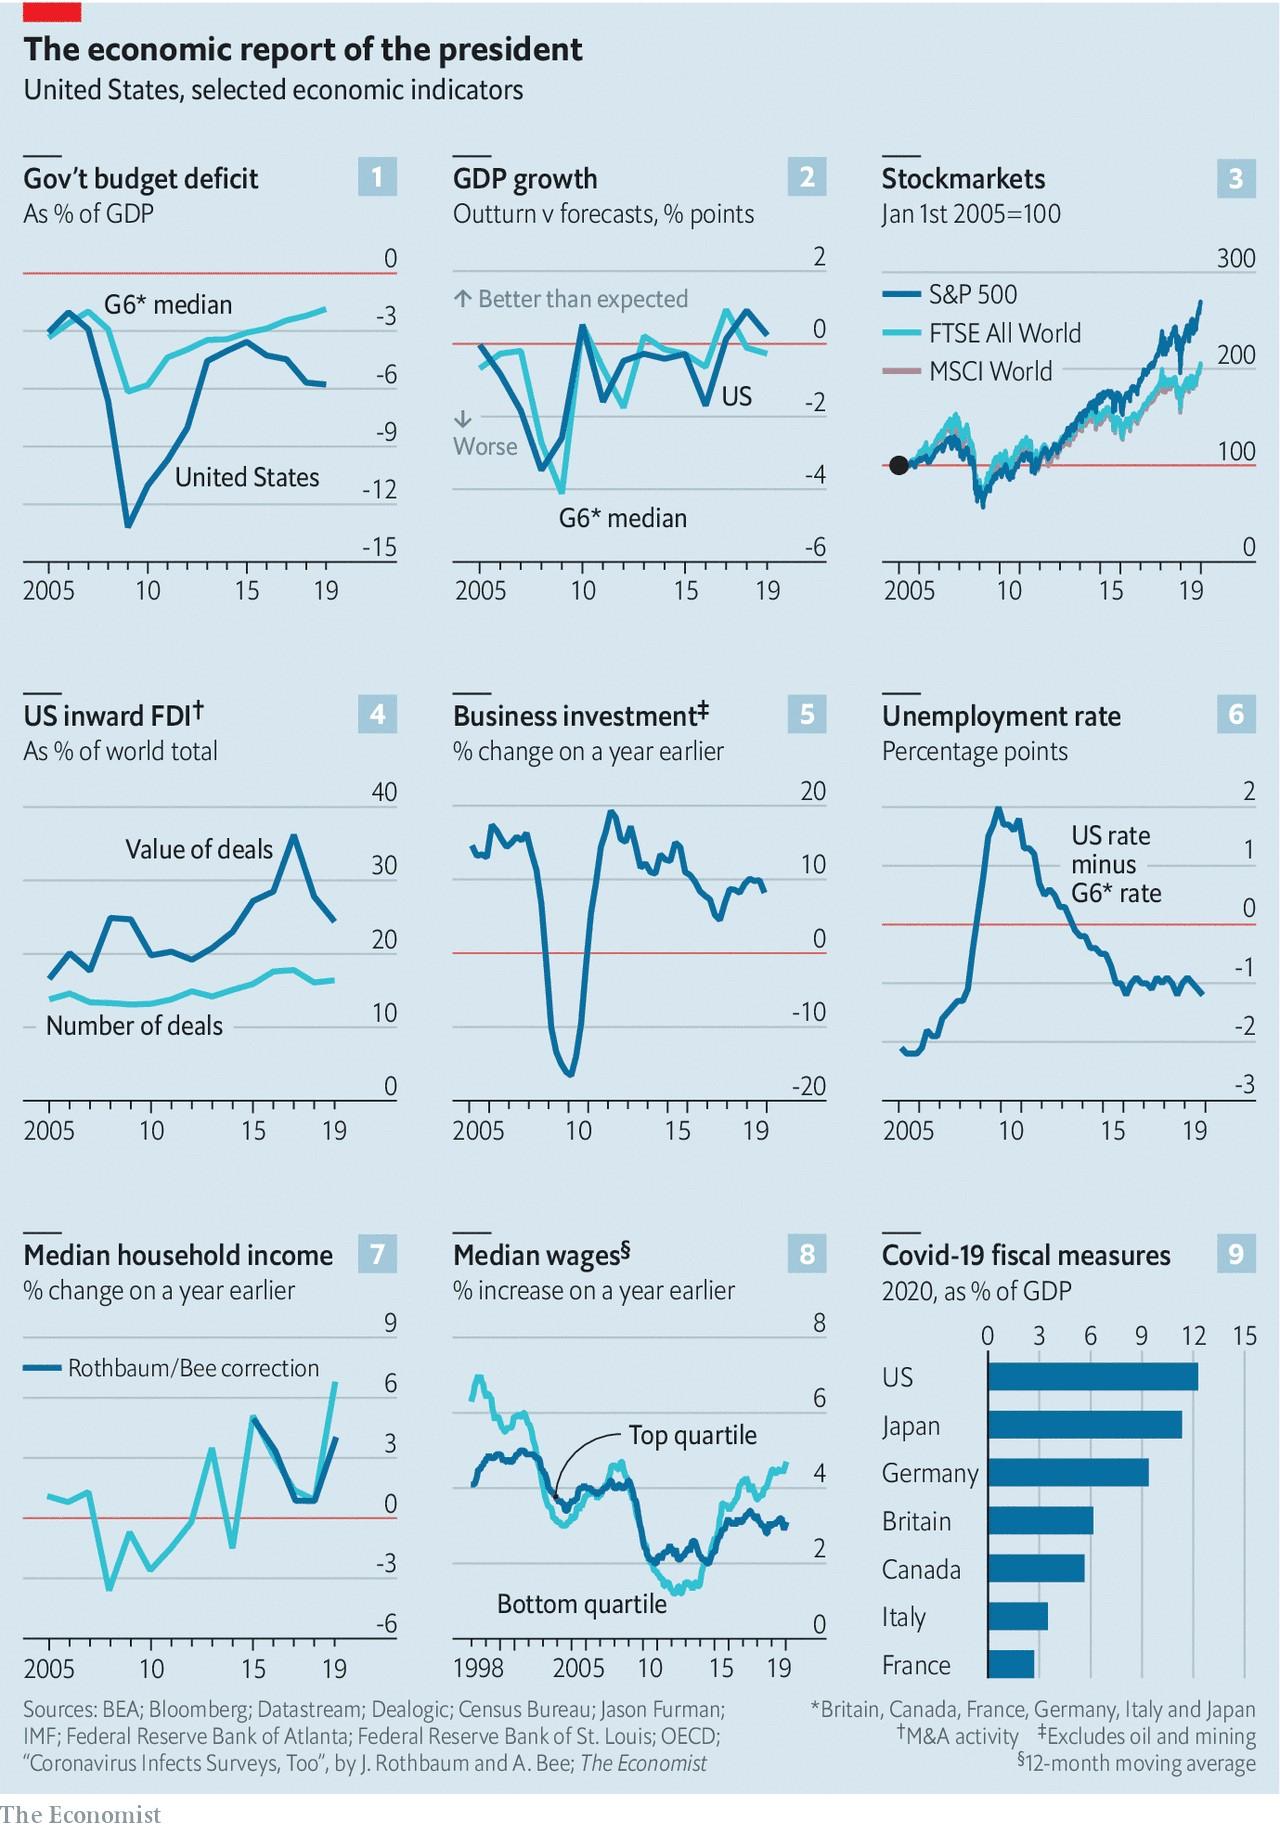 عملکرد اقتصادی آمریکای ترامپ/ اکونومیست